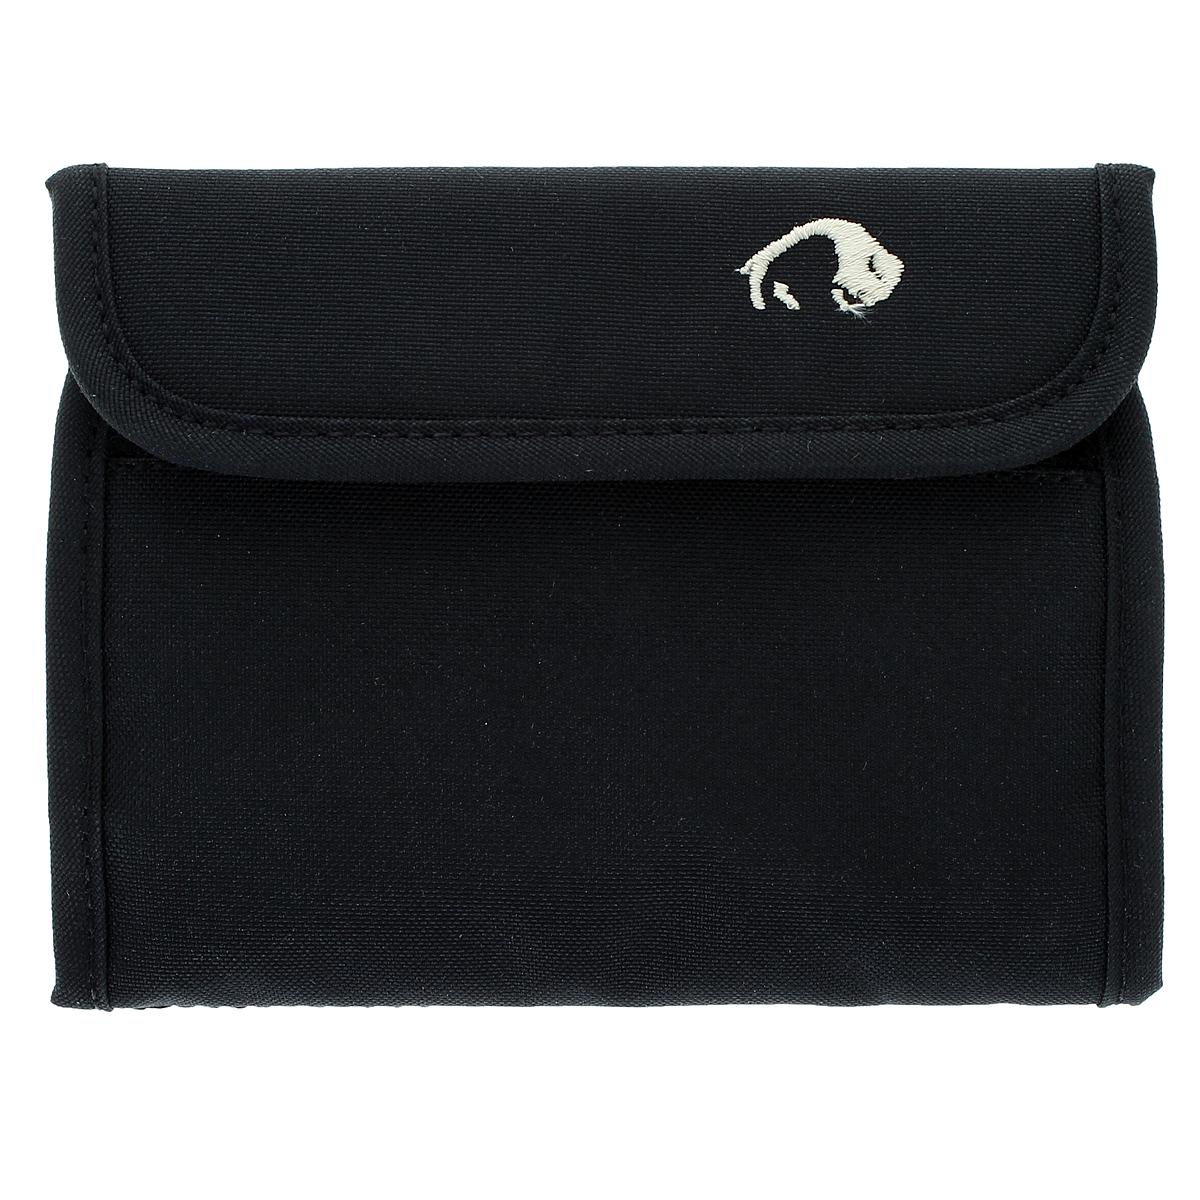 Кошелек Tatonka Euro Wallet, цвет: черный